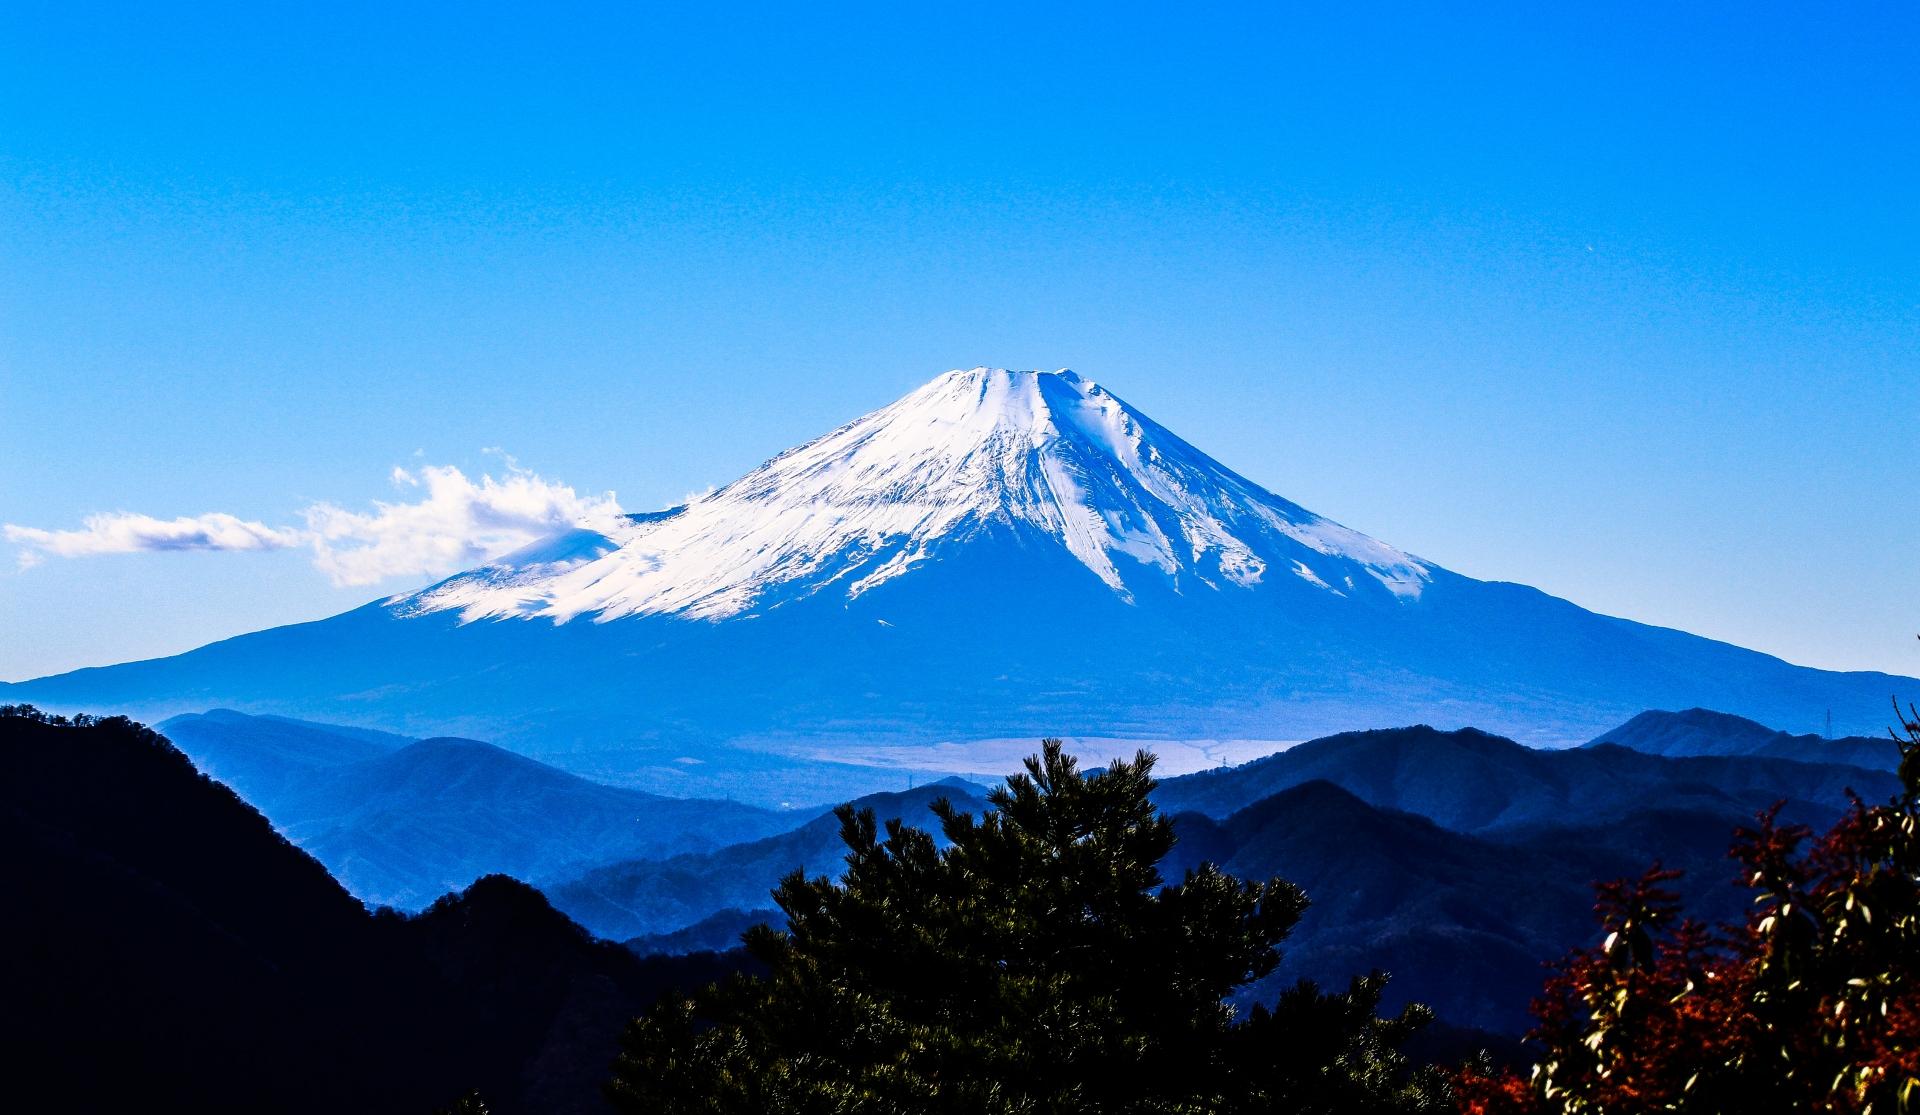 富士山頂の所有権はどこにある? - fujisan-net.jp